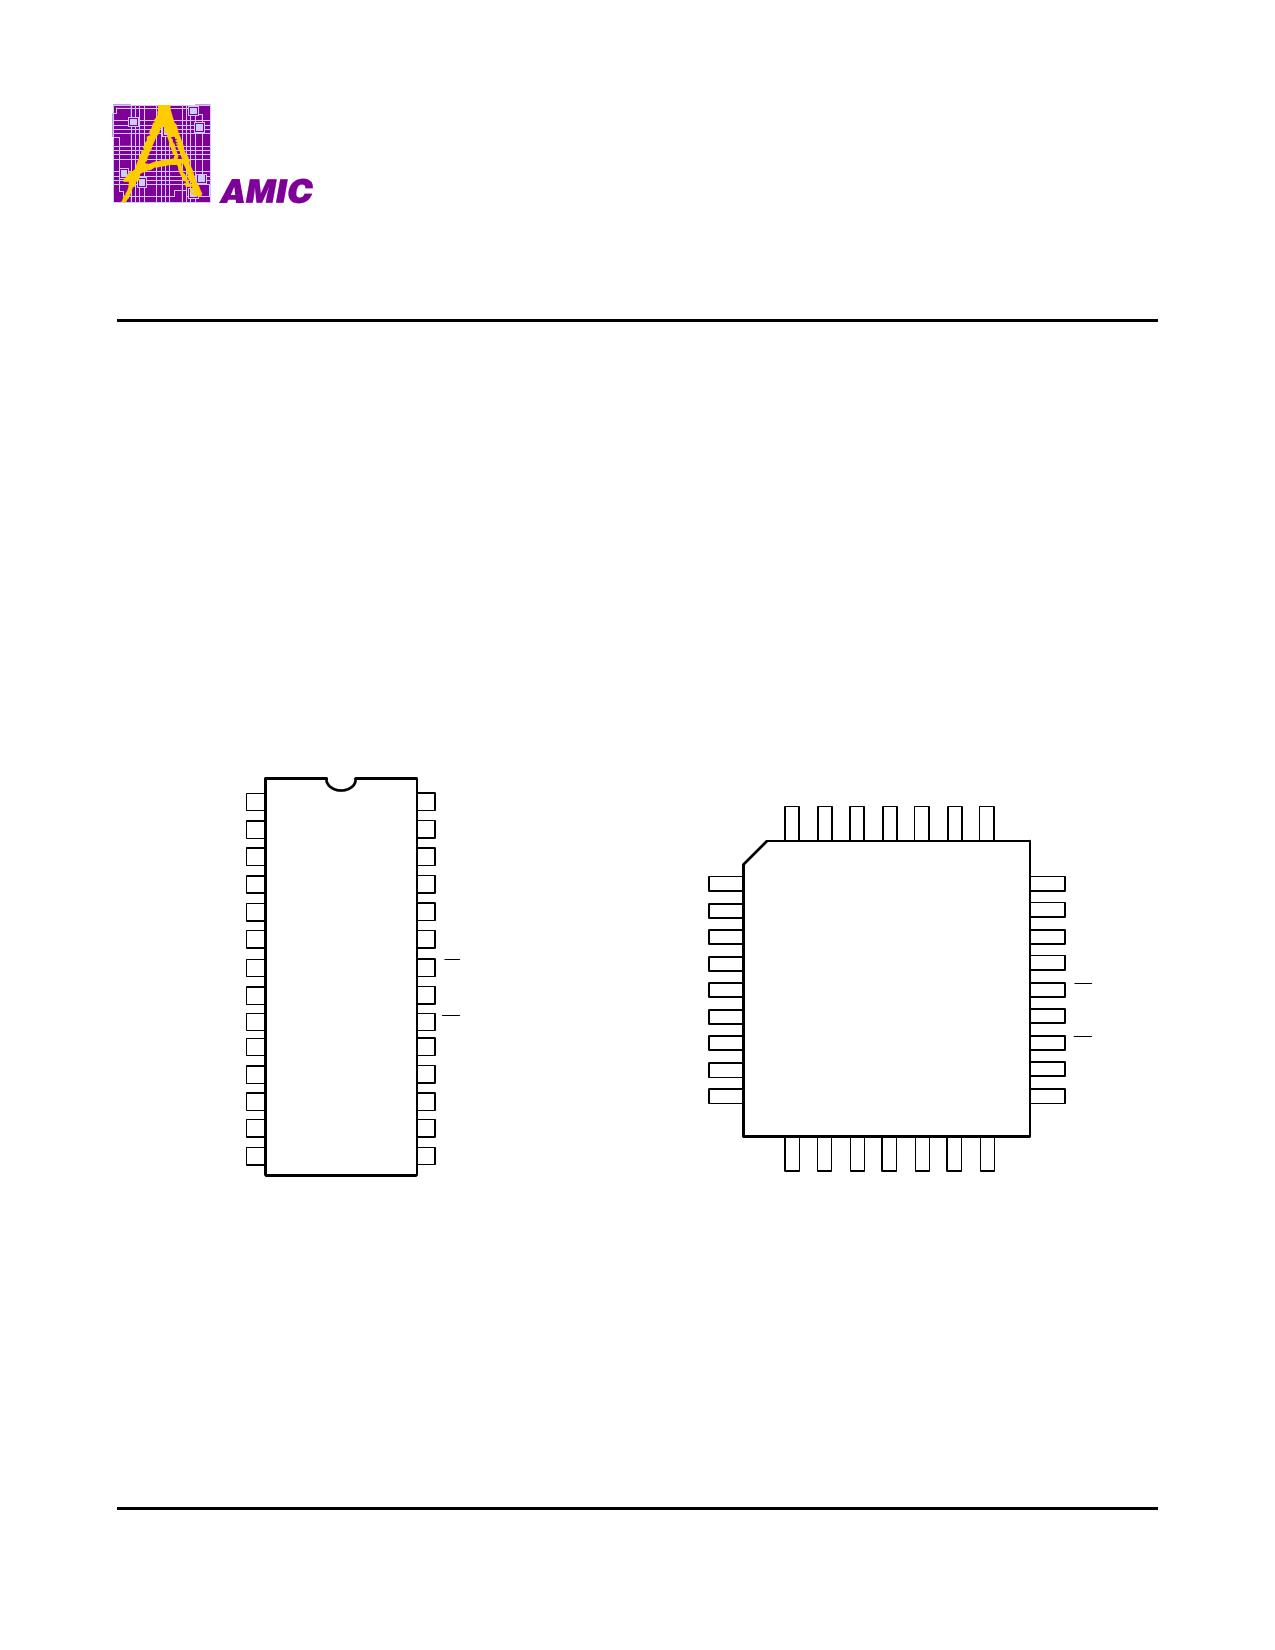 A276308A-55 pdf, schematic